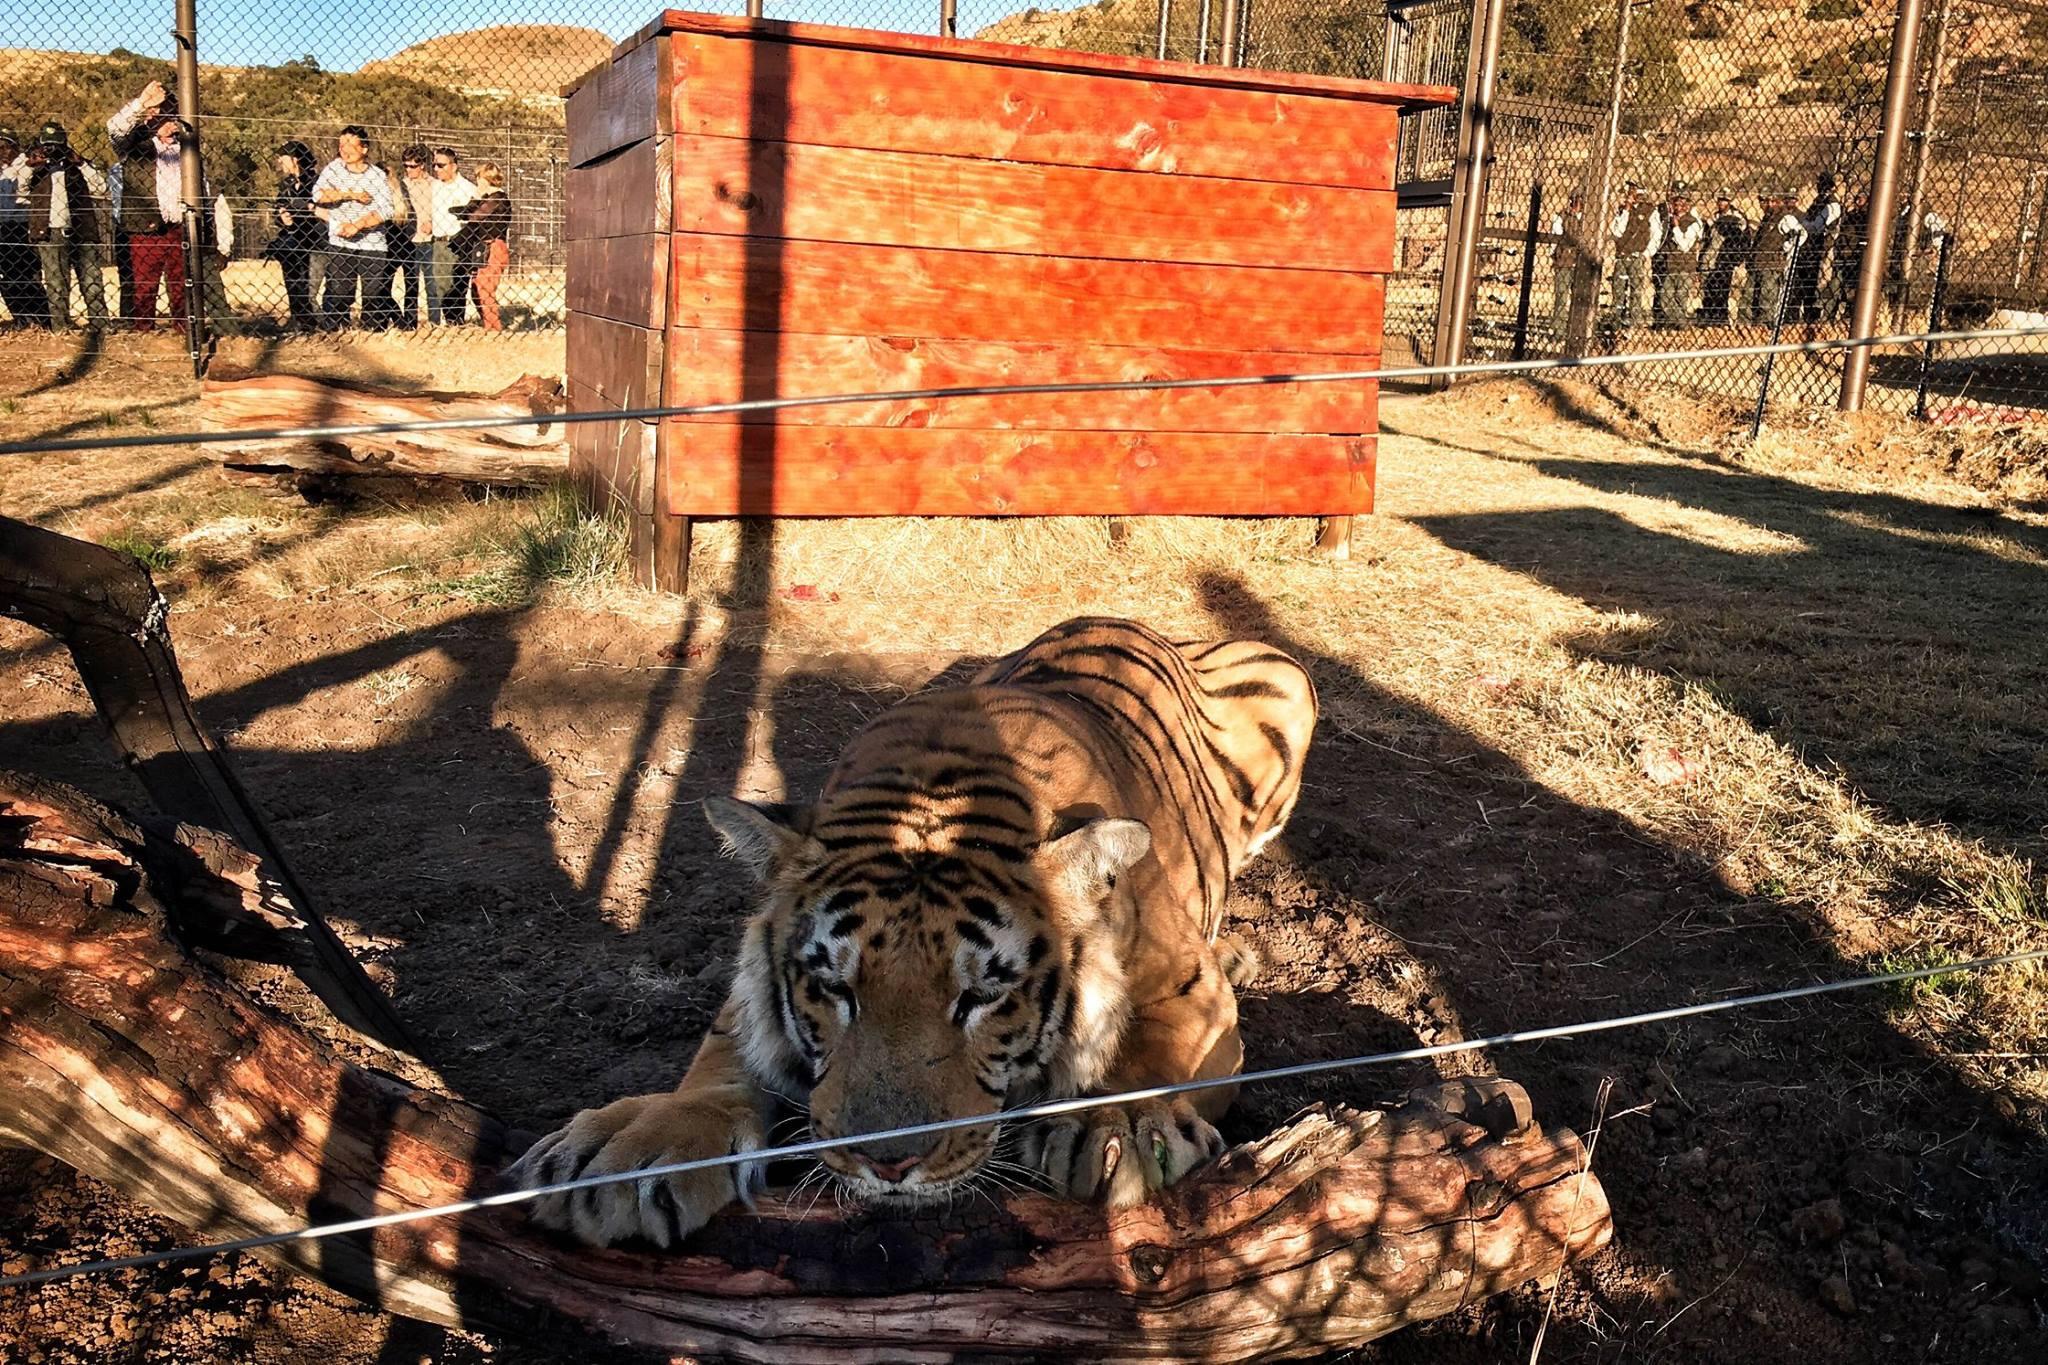 zoo-gaza-sauvetage-four-paws-19